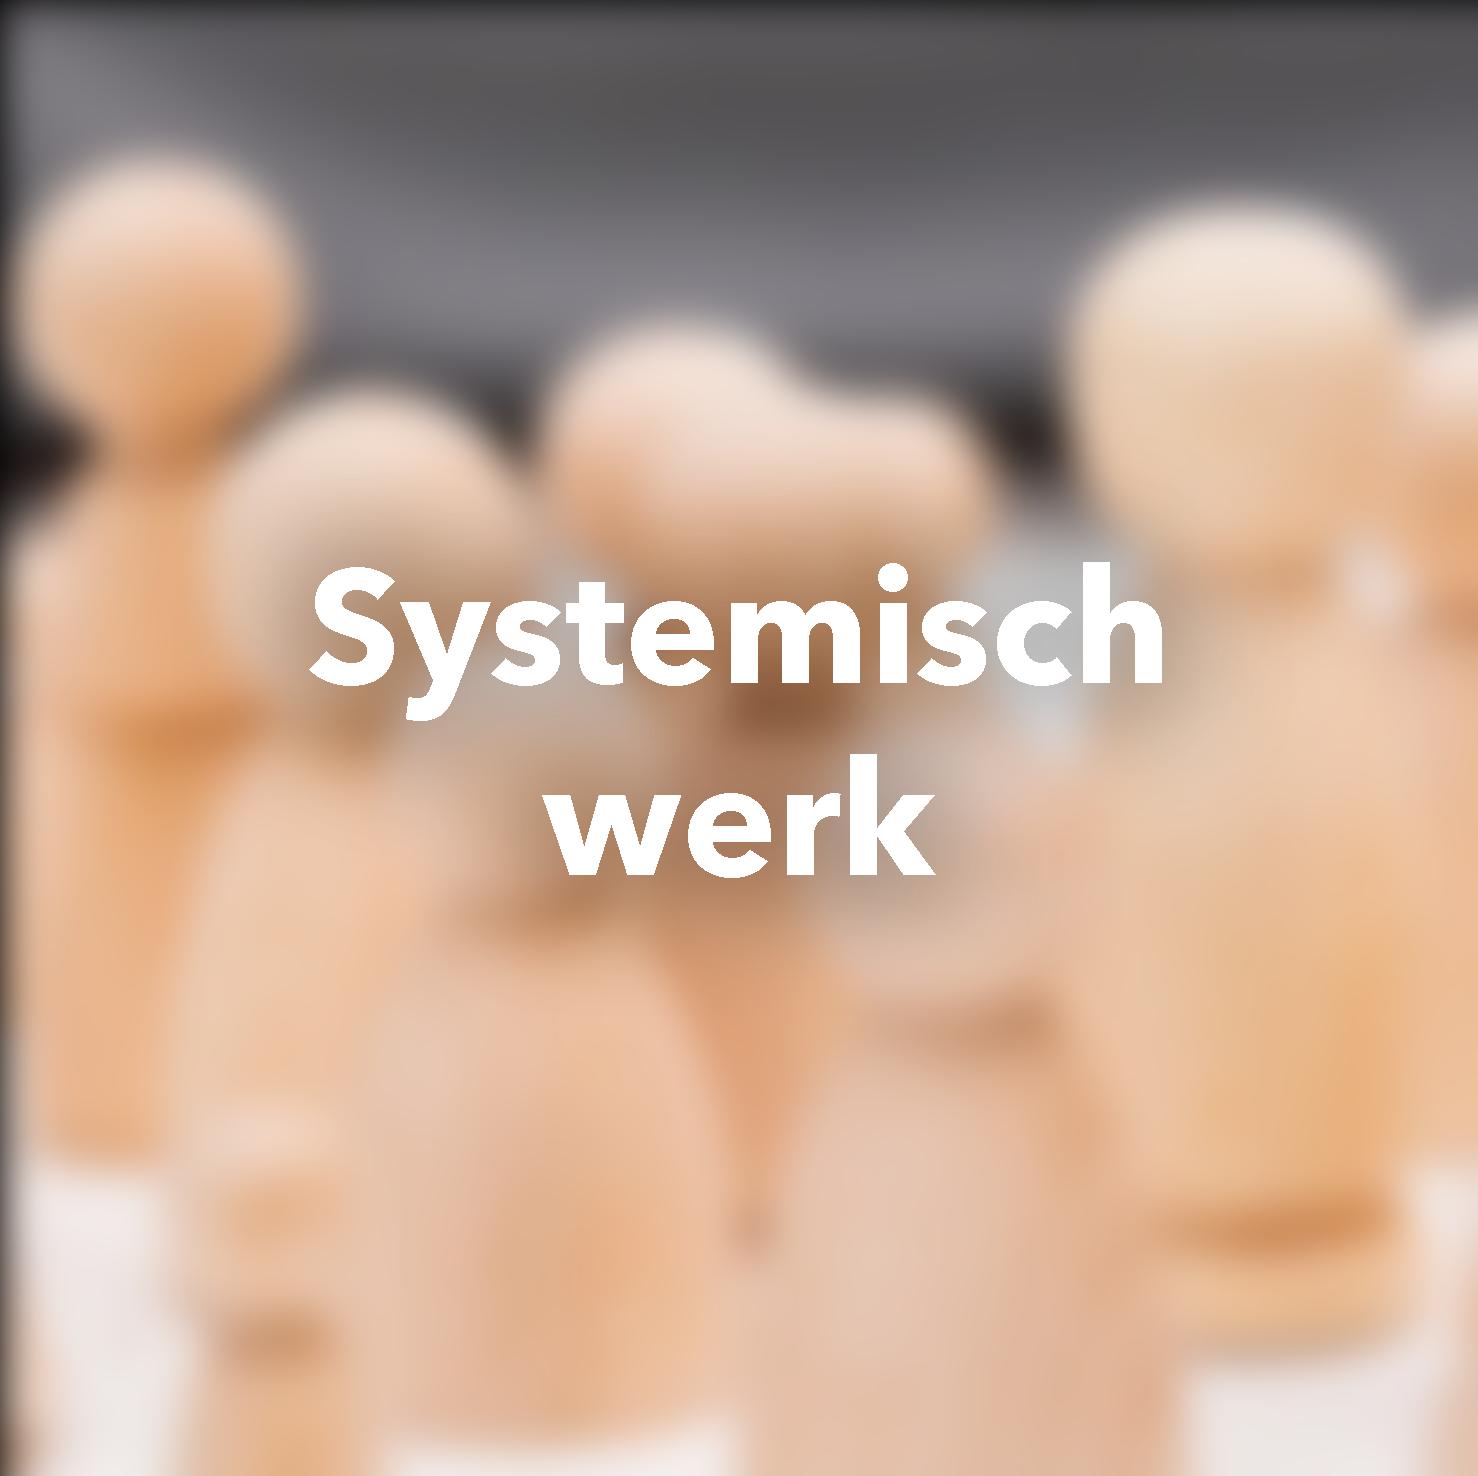 Systemisch werk